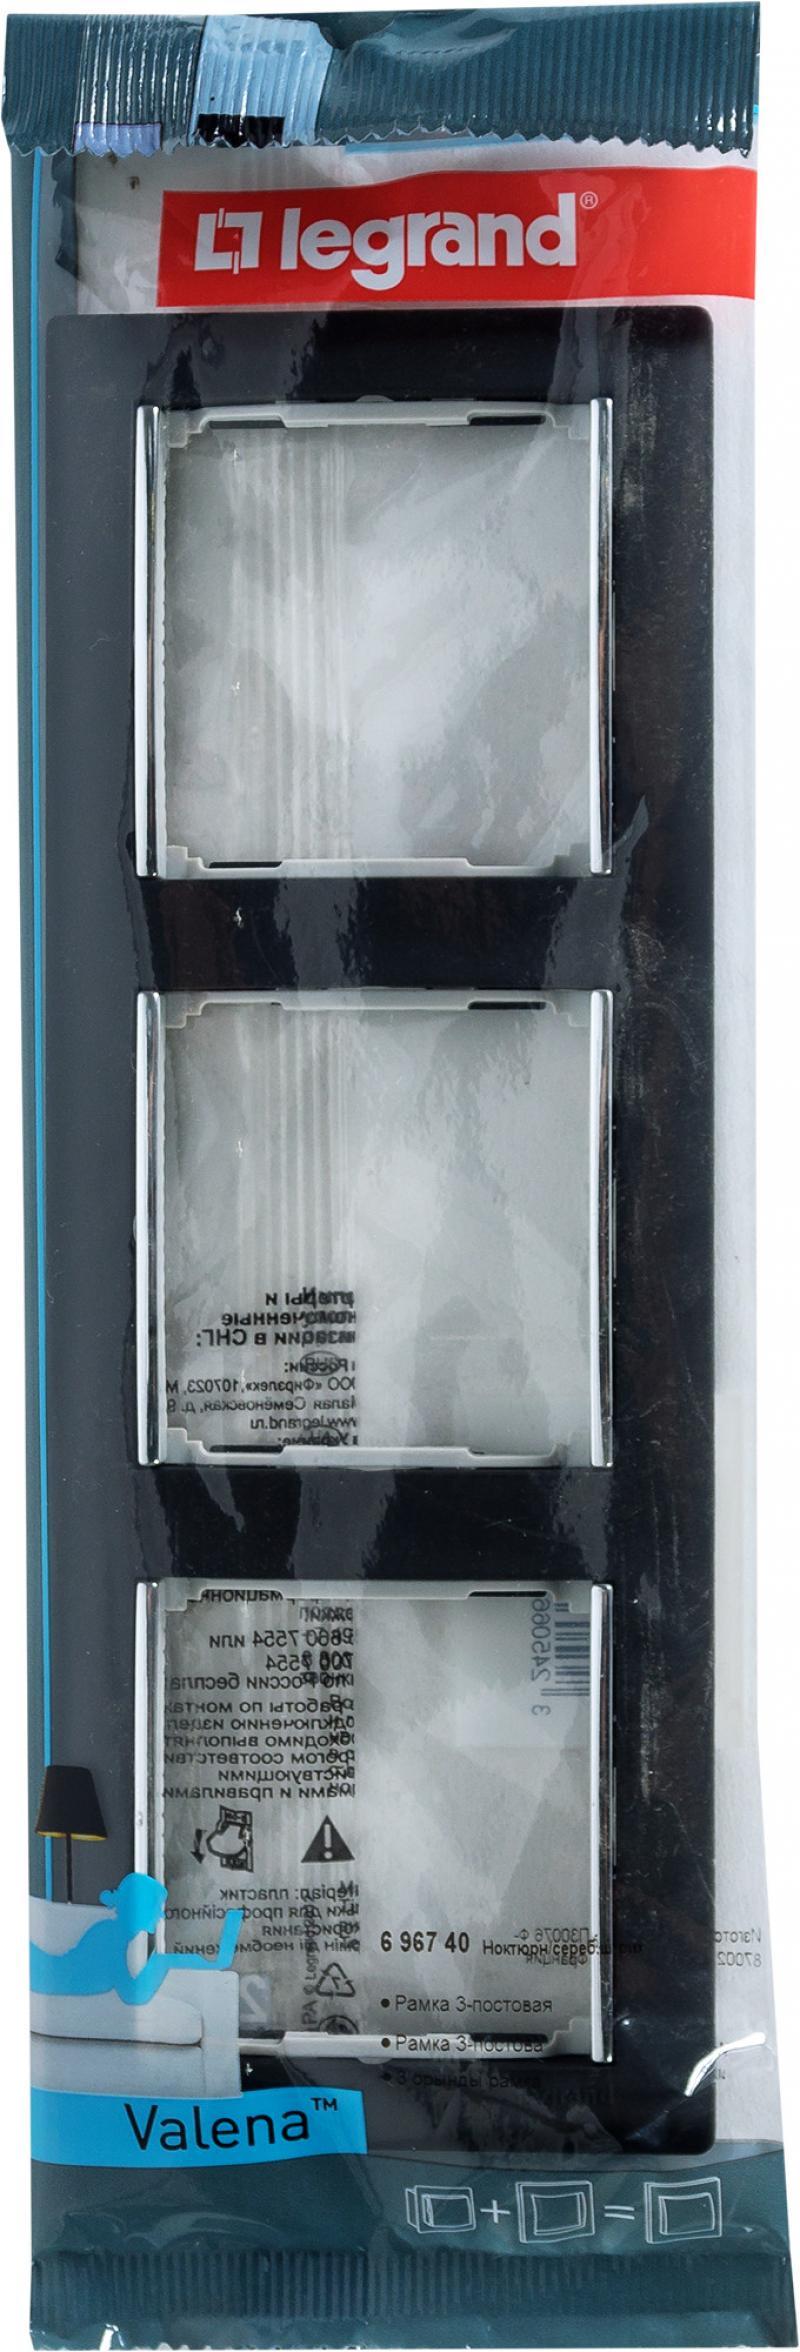 Рамка для розеток и выключателей Legrand Valena 3 поста, цвет ноктюрн/серебряный штрих